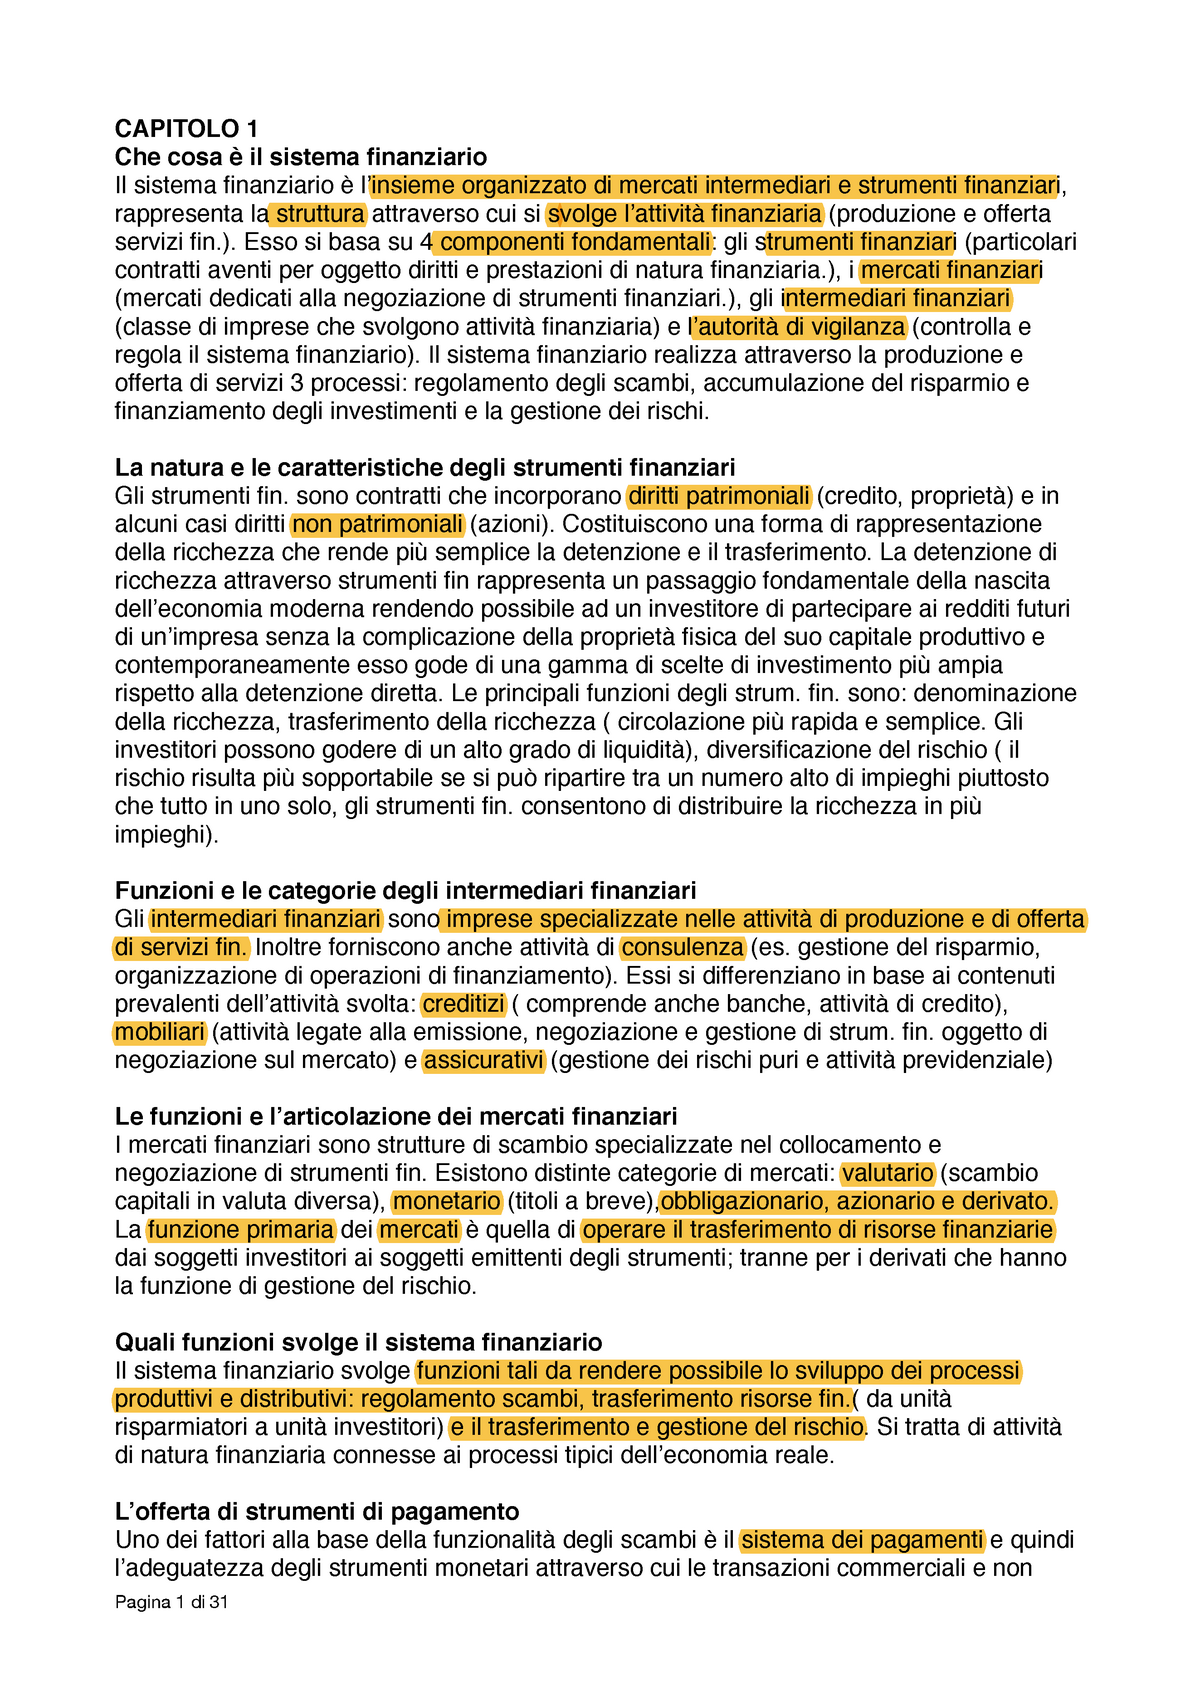 4f9ecc63e7 Riassunto Il sistema finanziario 22 Jul 2018 - StuDocu